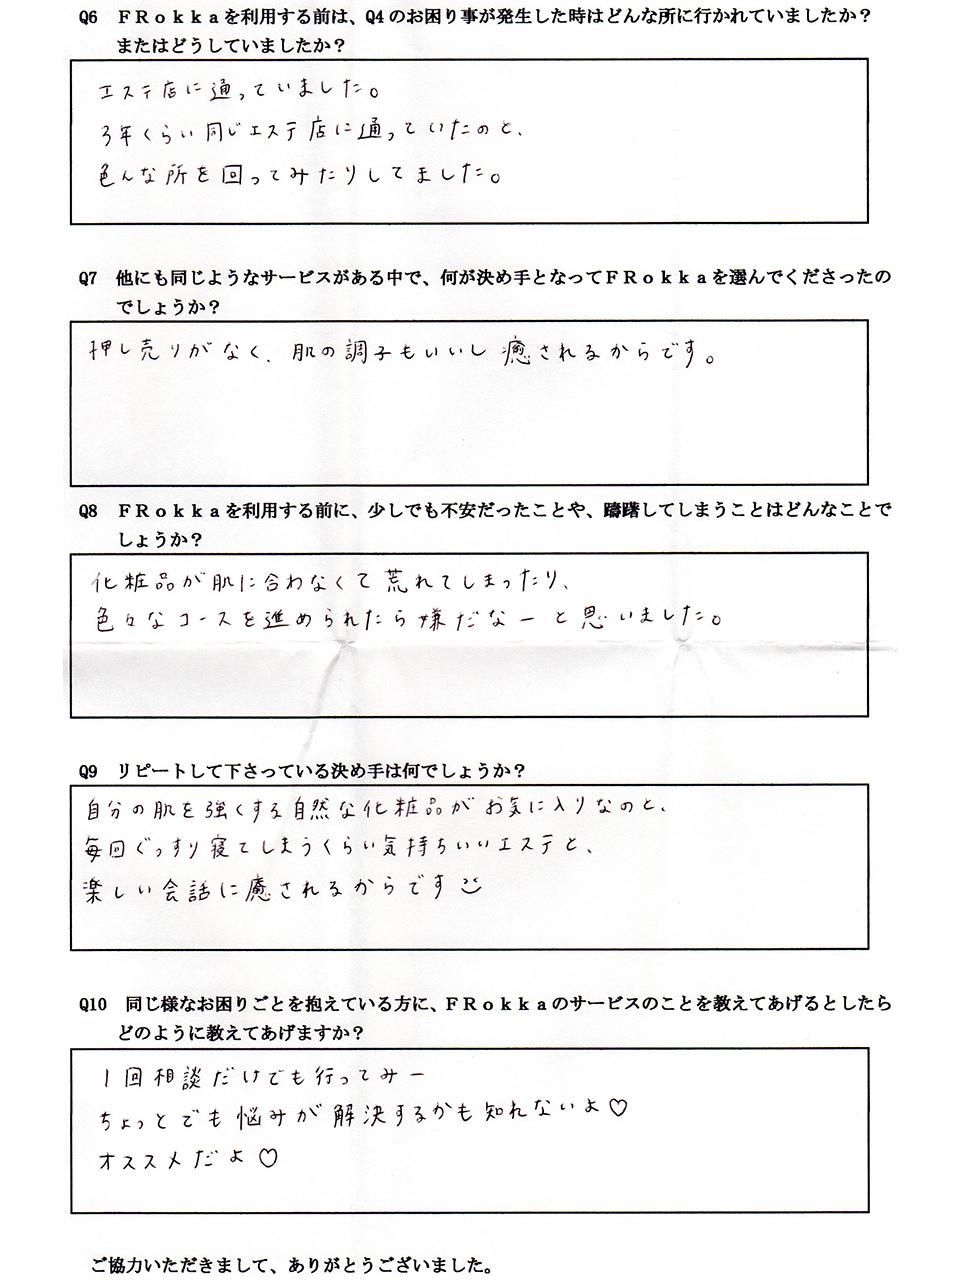 お客様アンケート(20代前半女性)2